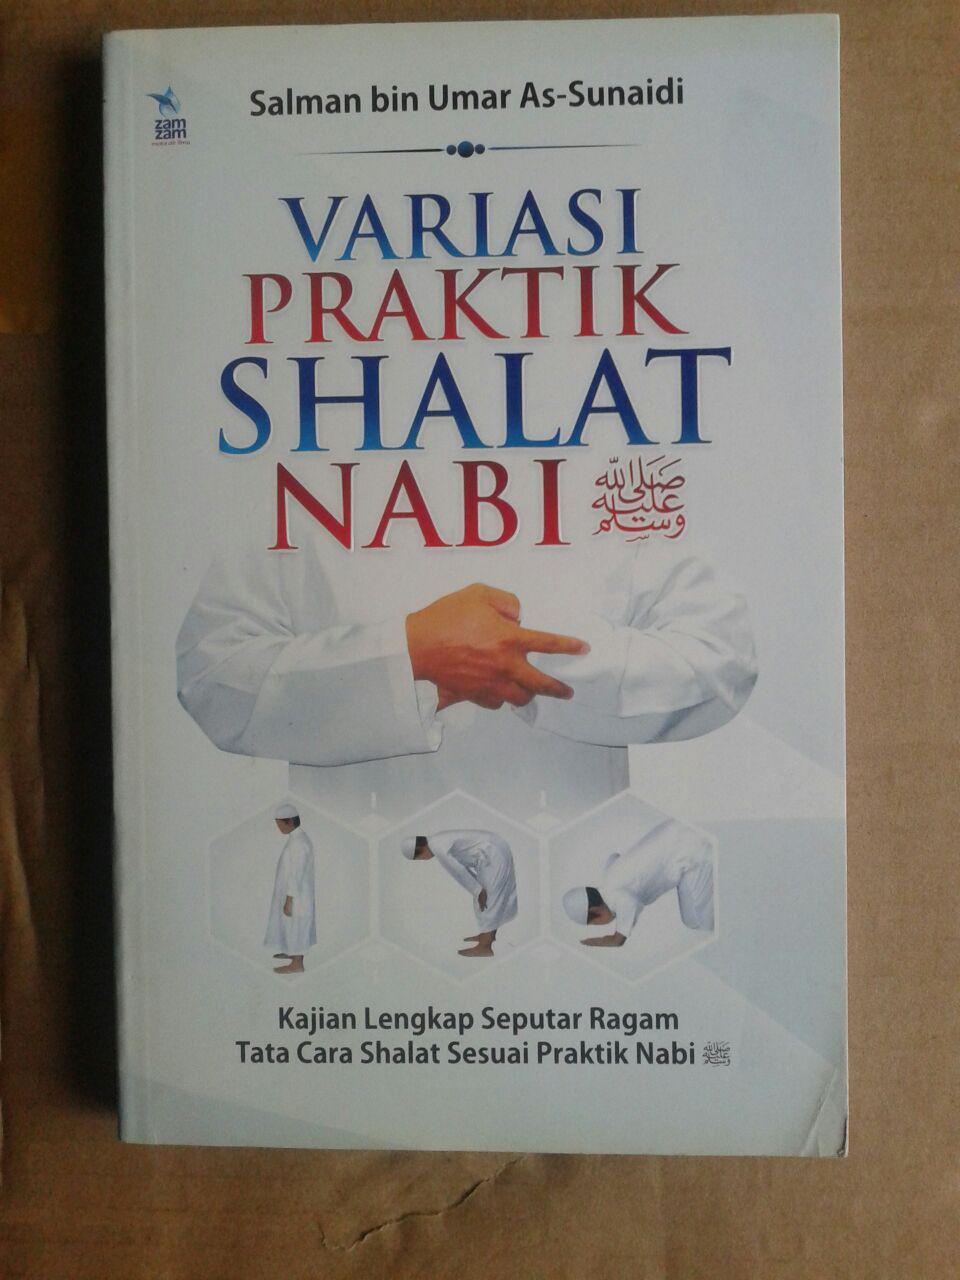 Buku Variasi Praktik Shalat Nabi Kajian Lengkap Shalat cover